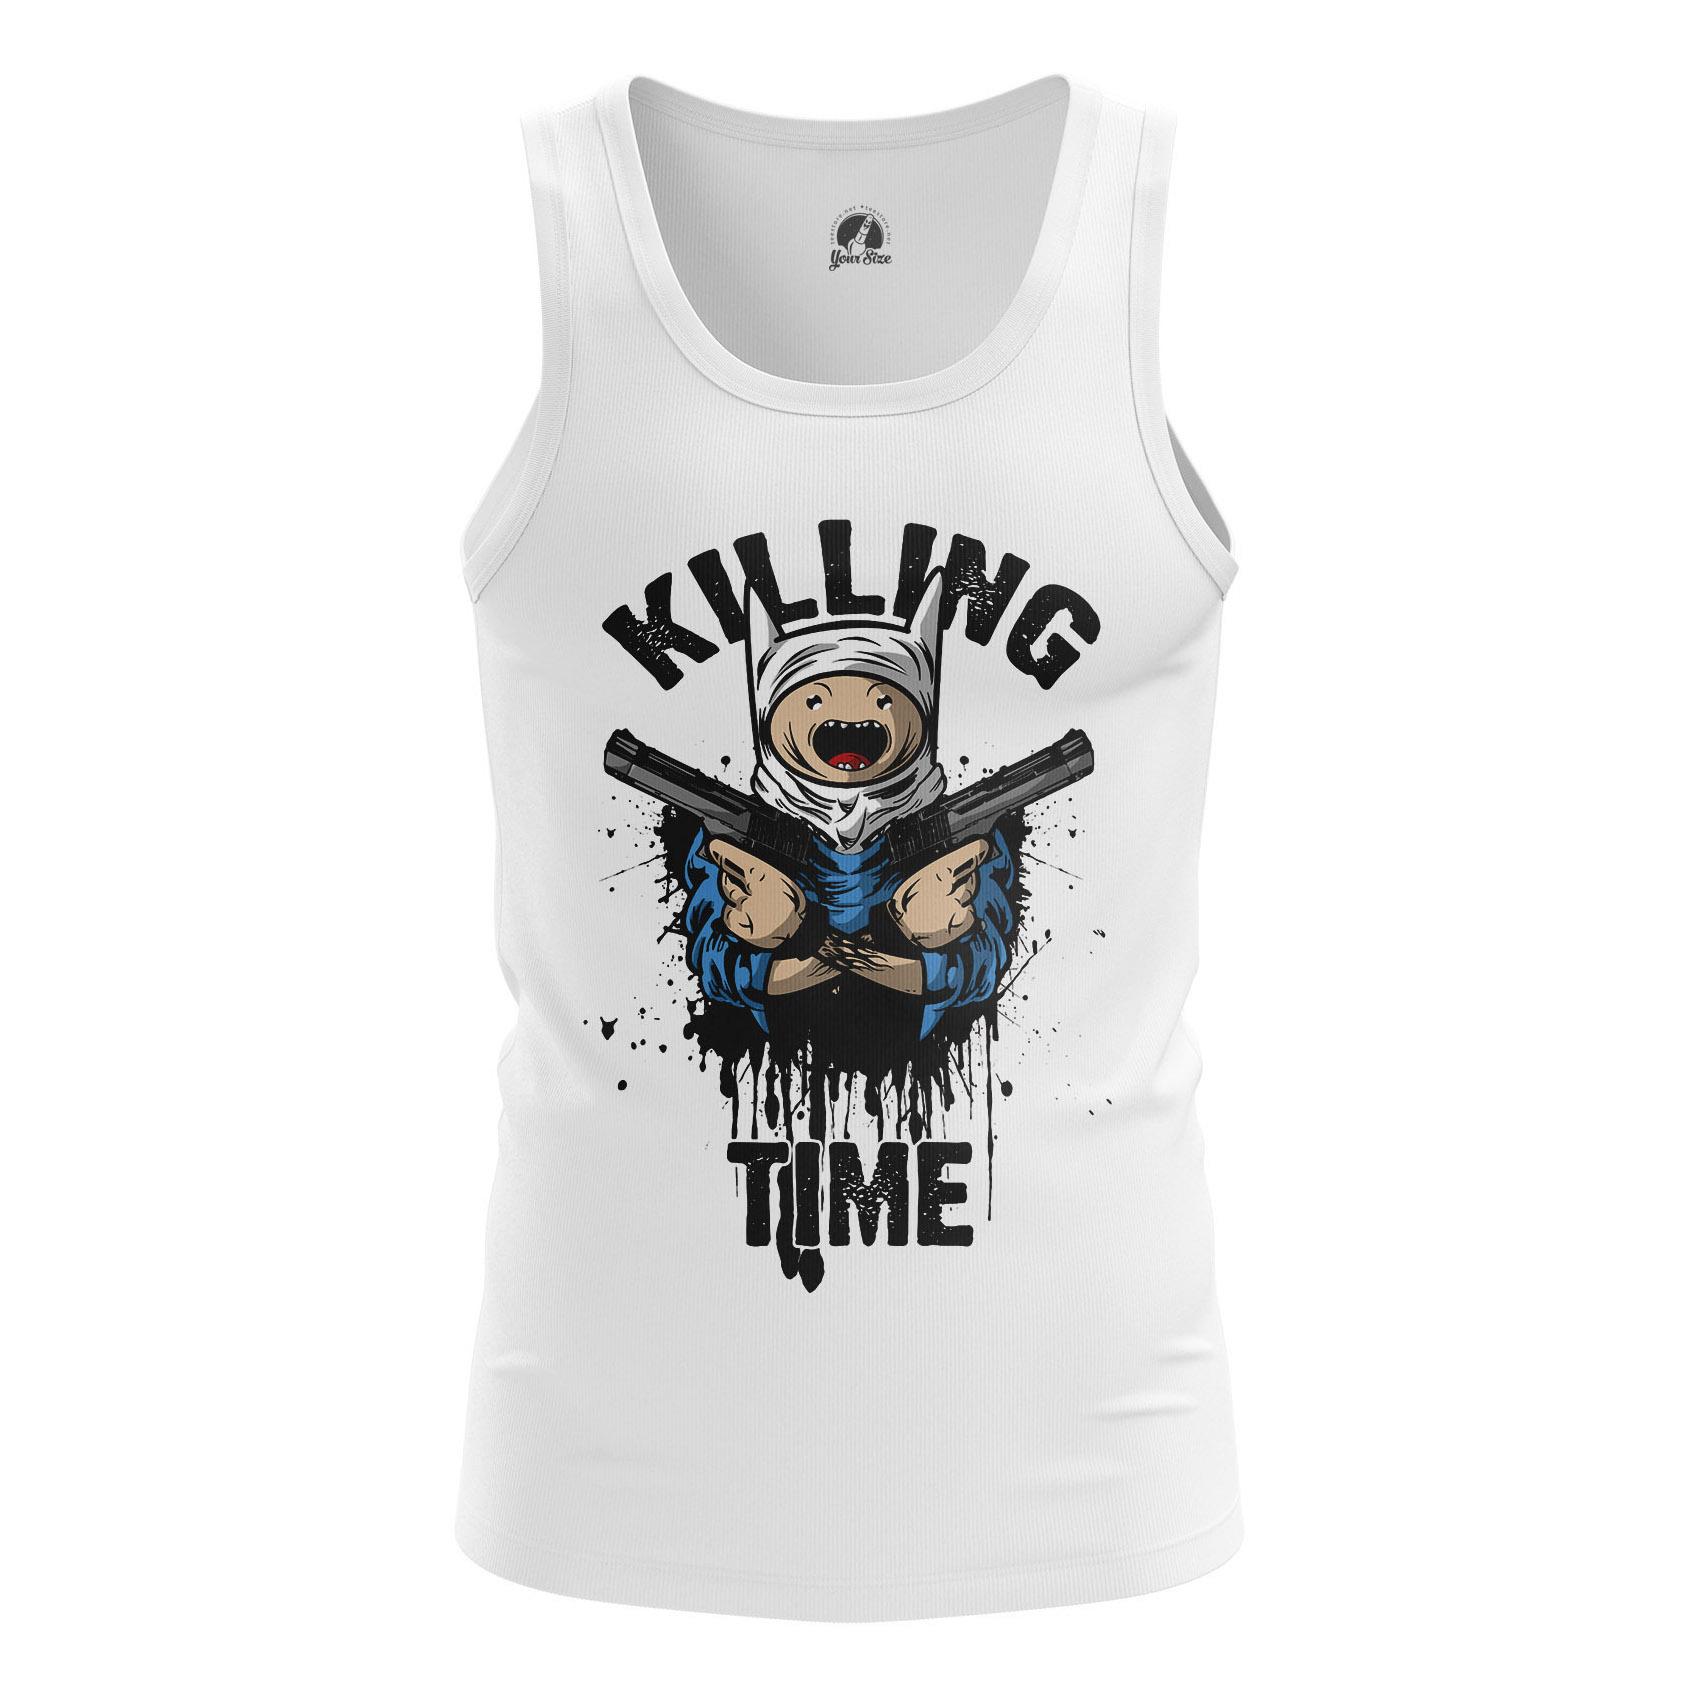 M-Tan-Killingtime_1482275362_364